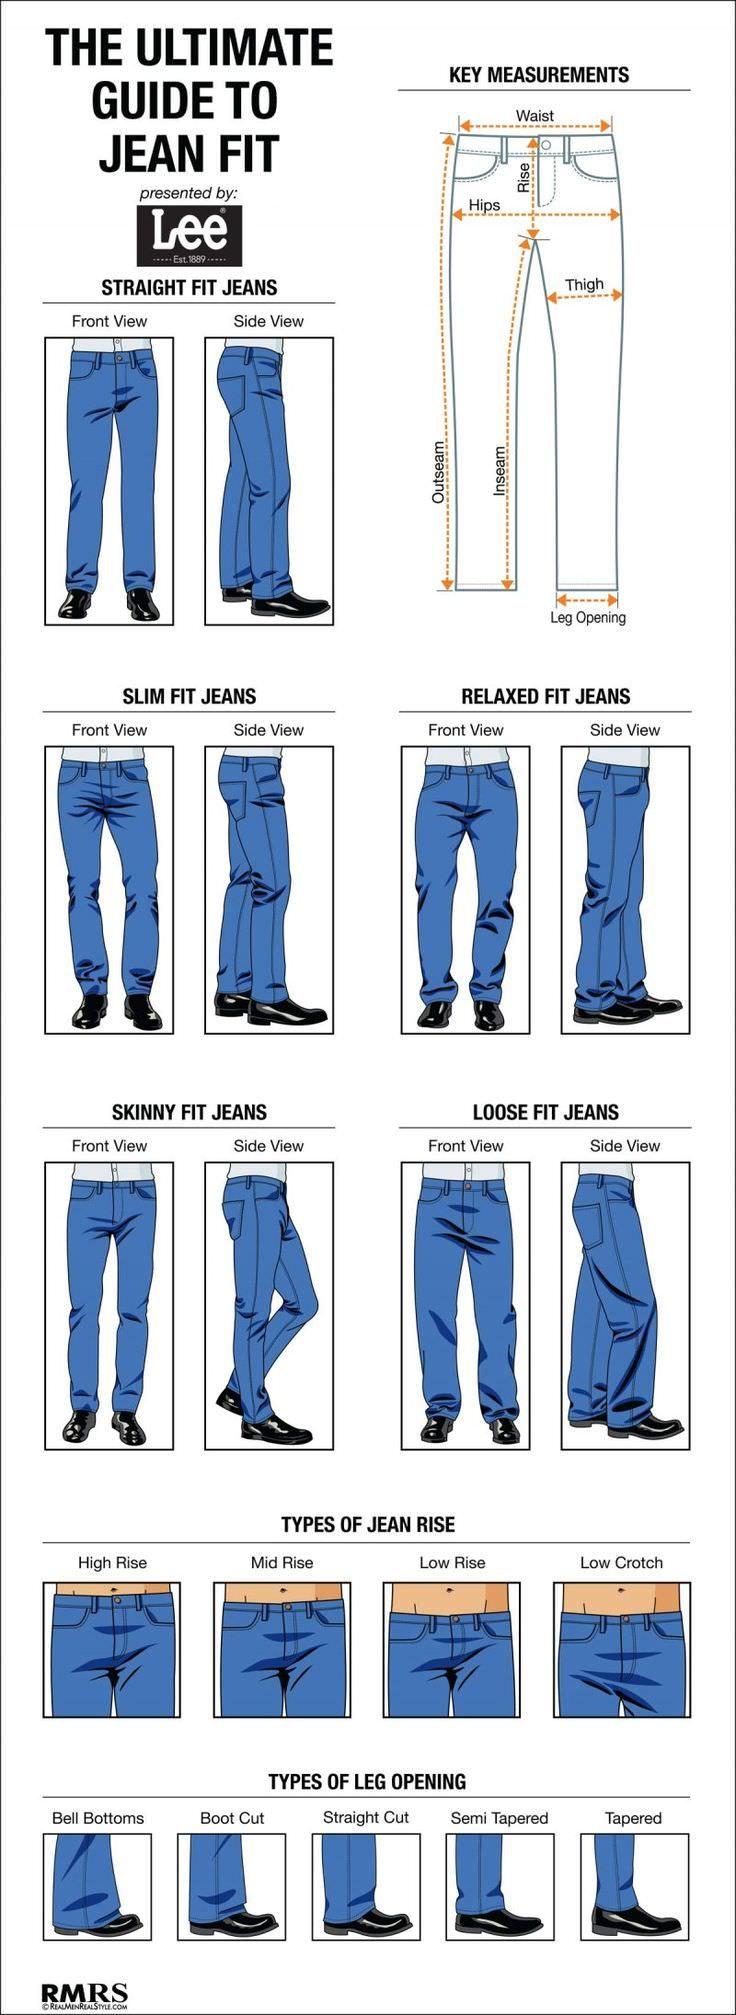 reglas para encontrar los mejores pantalones vaqueros ajustados, última guía de cómo elegir los pantalones vaqueros